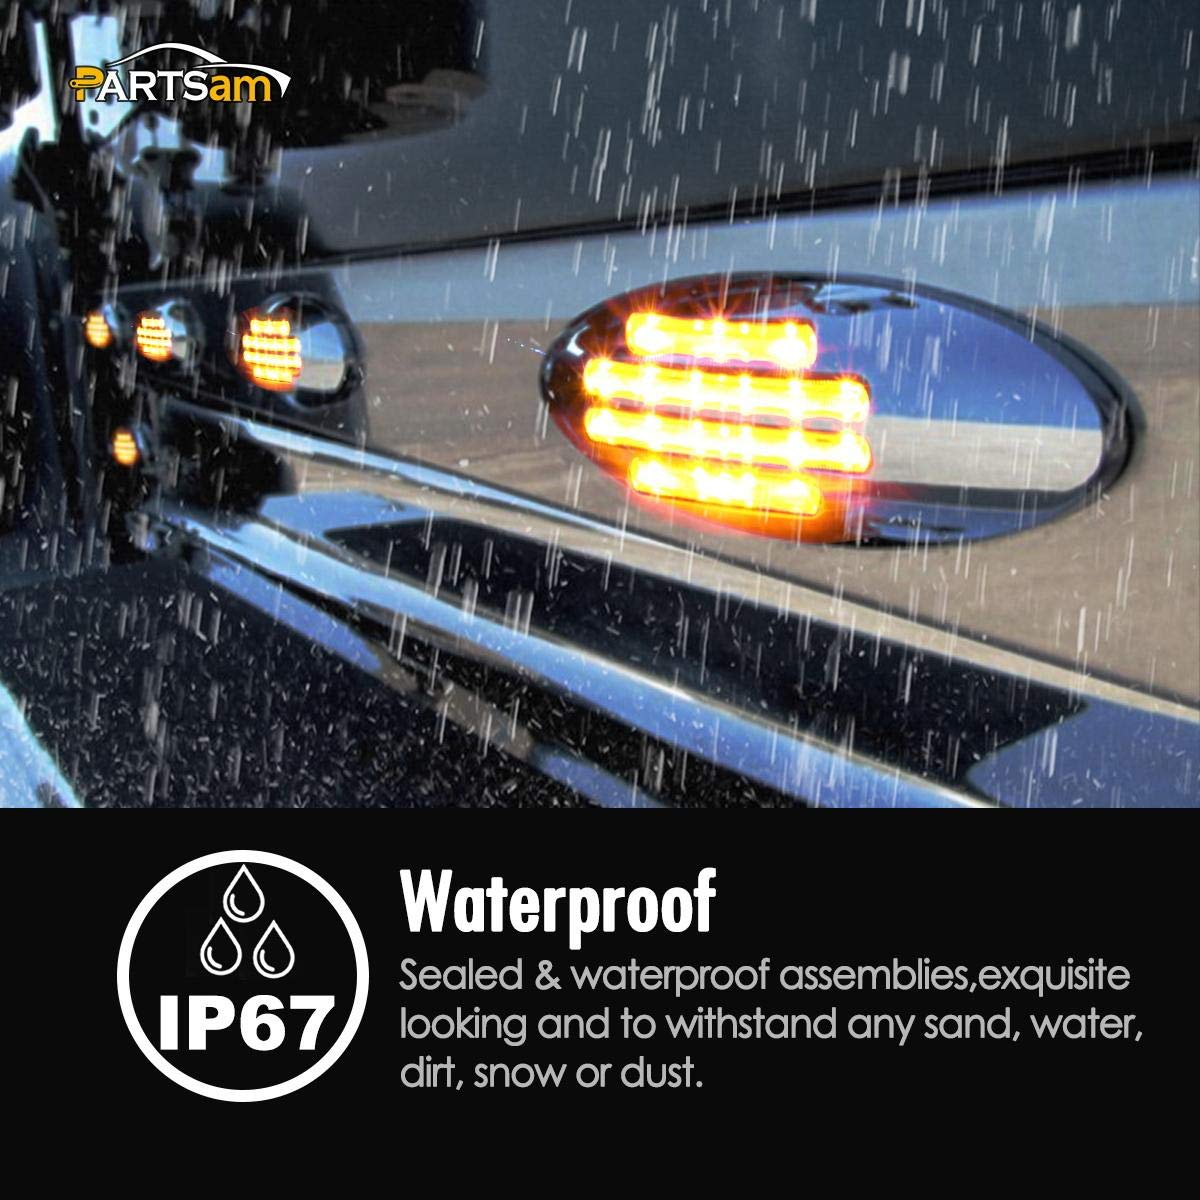 Partsam 5Pcs 6-3//5 Inch Flat-line Amber Oval Trailer Led Marker Lights Clear Lens 18 Diodes Surface Mount w Bullet Plug Connectors Sealed Waterproof Led Front Fender Marker Light Panel